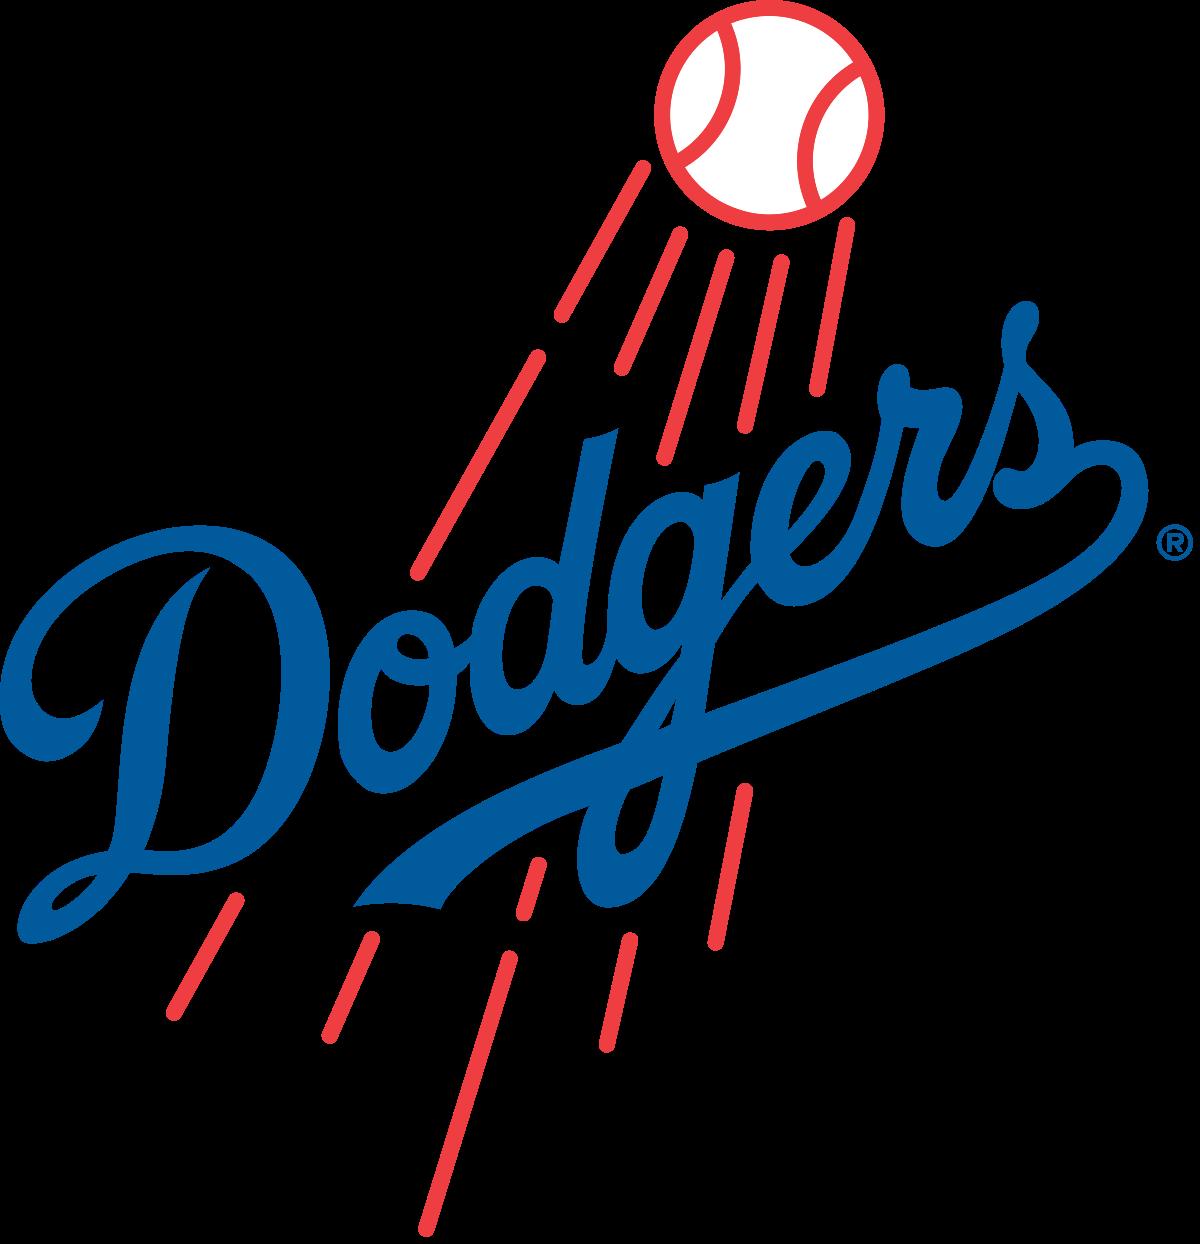 BE4DCECB-958E-42B6-90DC-FD36EE868842.png 평준화 성공한 MLB 개신기한 기록